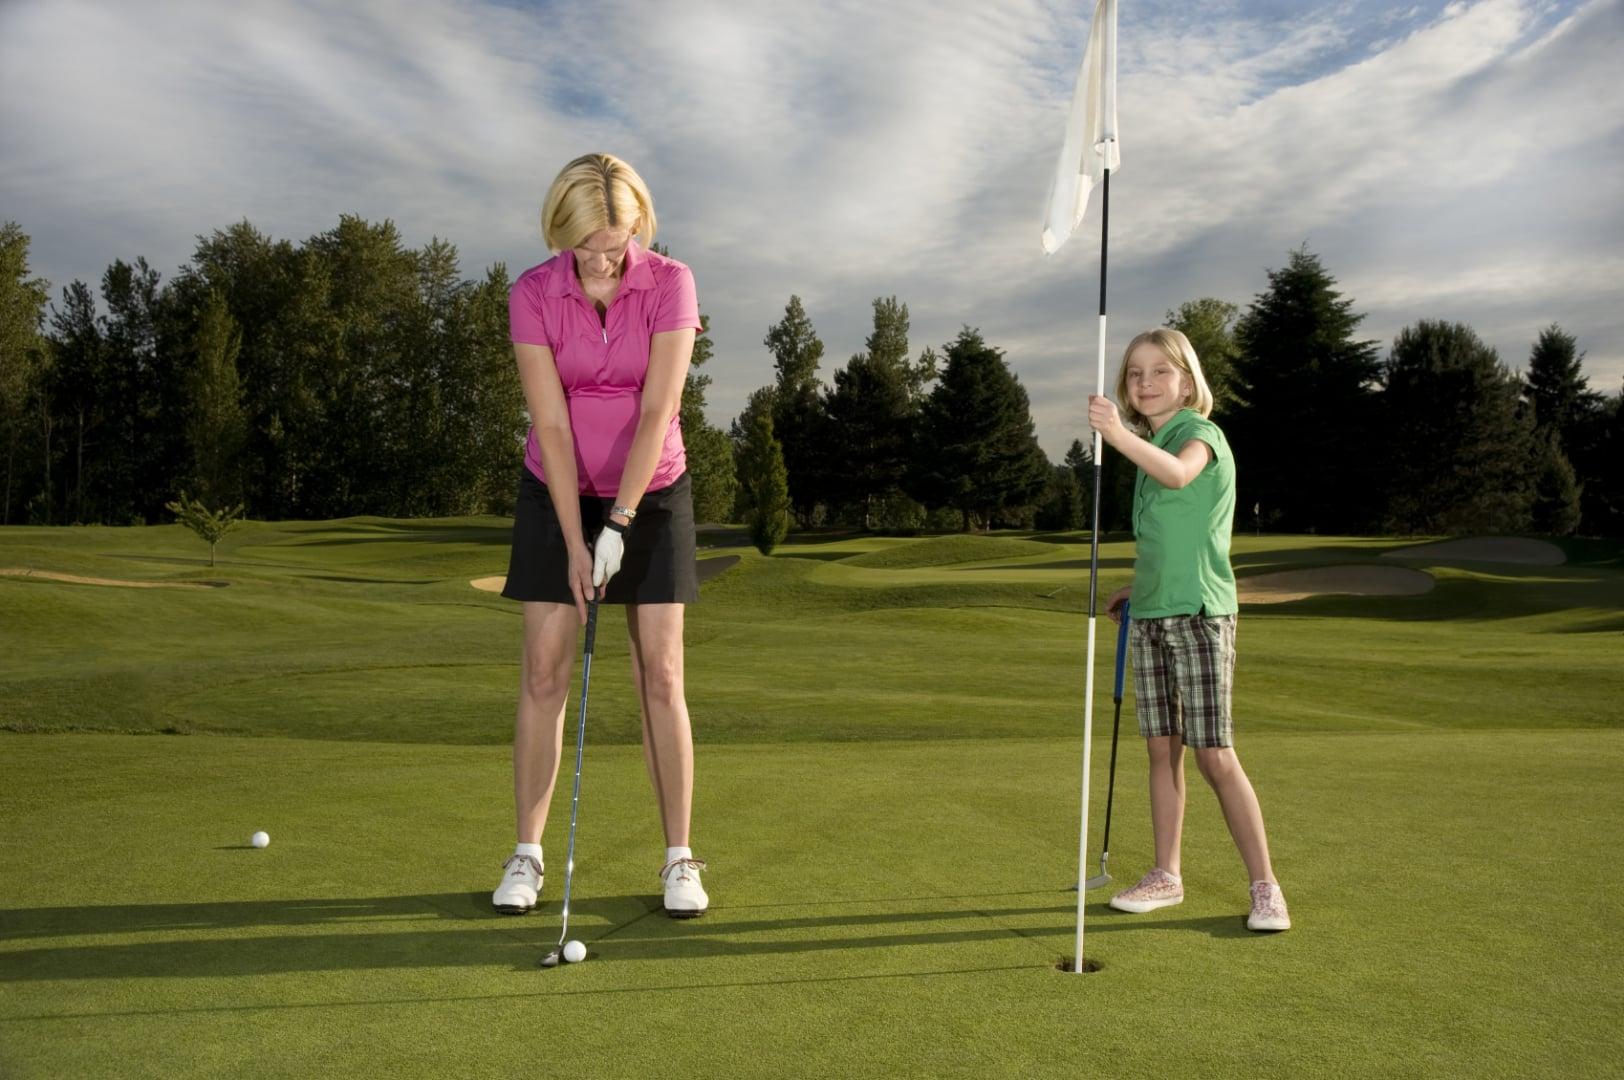 Golf Familienurlaub Gut Landegge Emsland Golfspielen